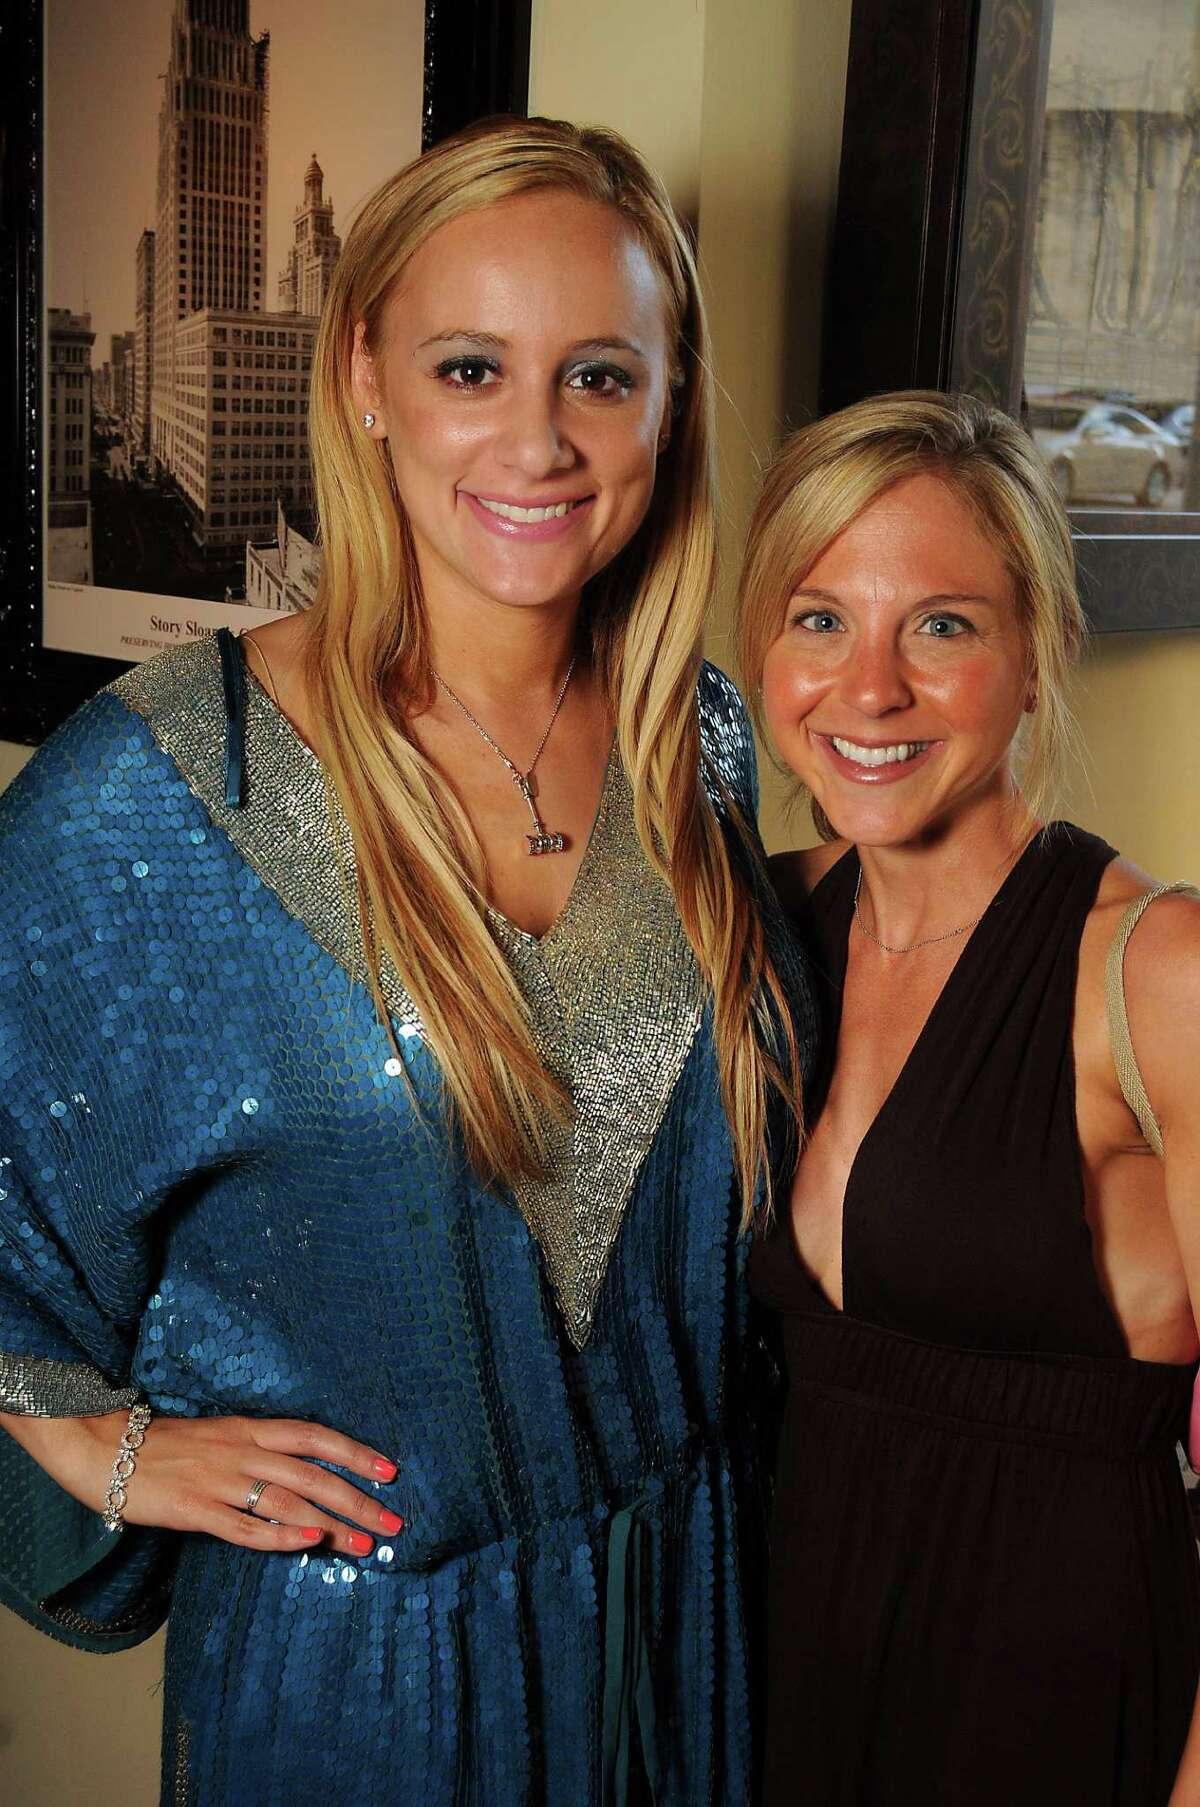 Erica Rose, left, and Leslie Karp